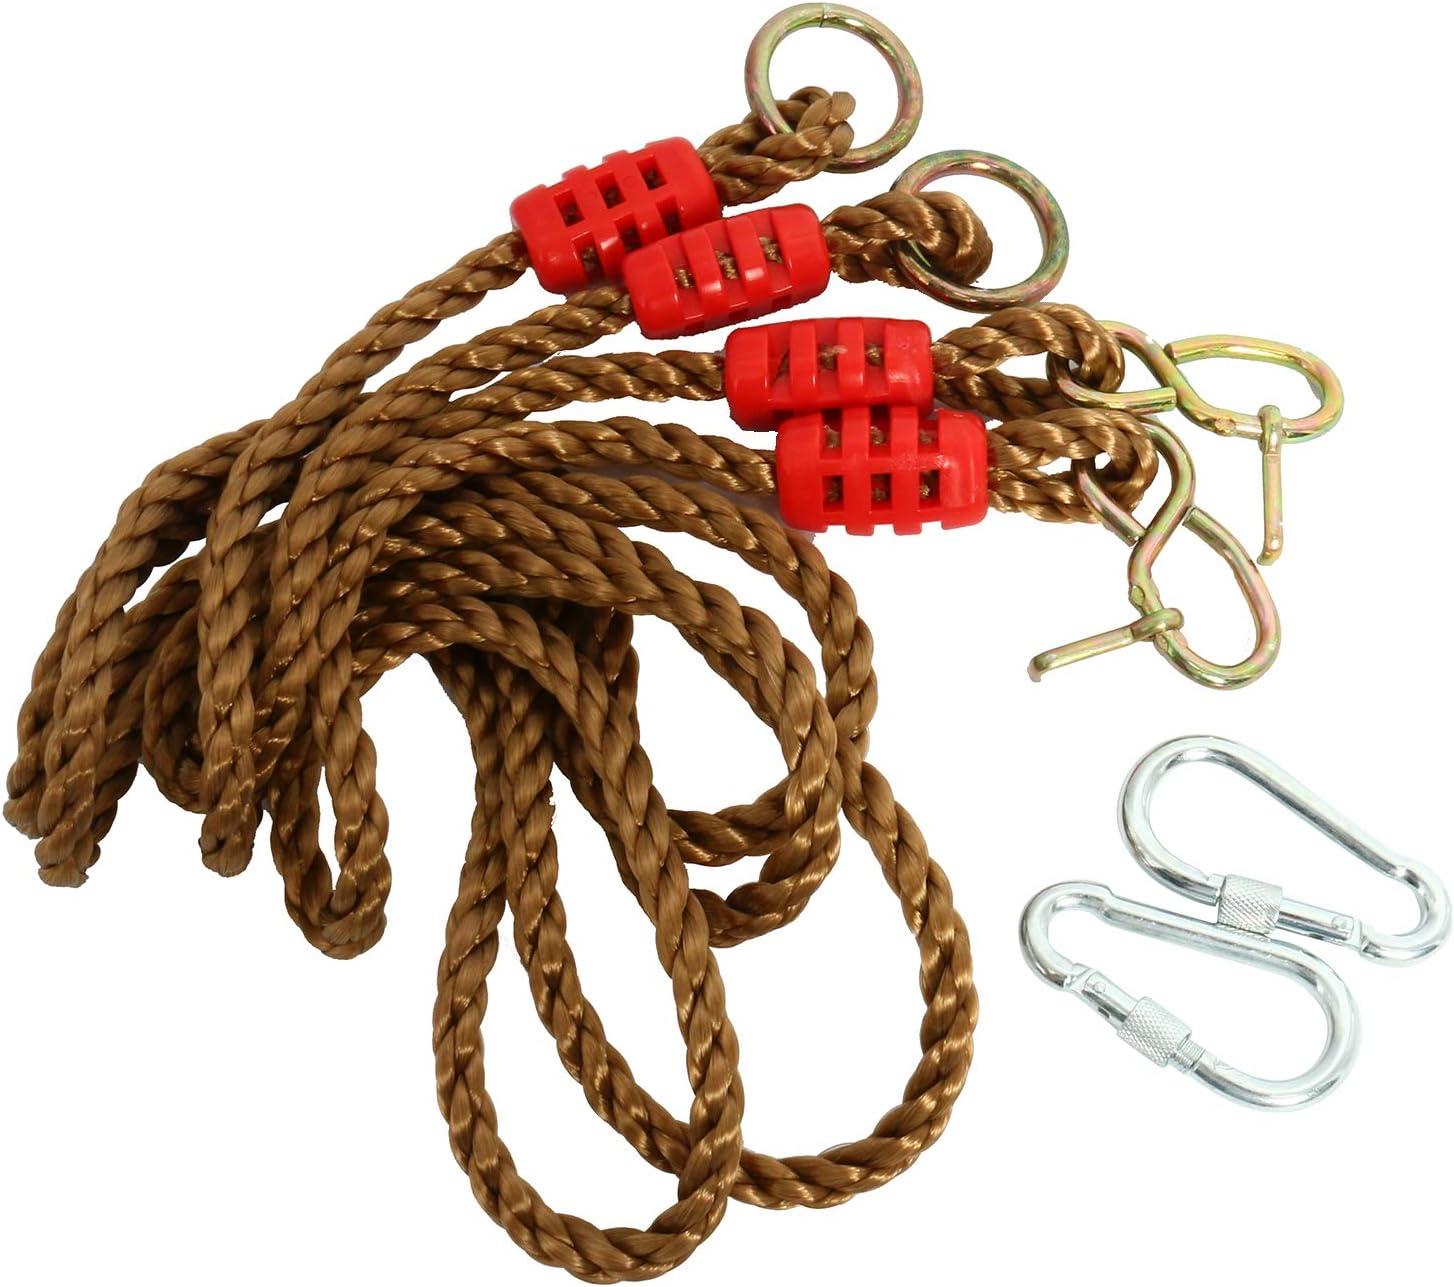 NiceDD Kit per appendere le cinghie della sedia dellamaca delle corde delloscillazione dellalbero con 2 moschettoni per la sostituzione 6ft la regolazione o lestensione